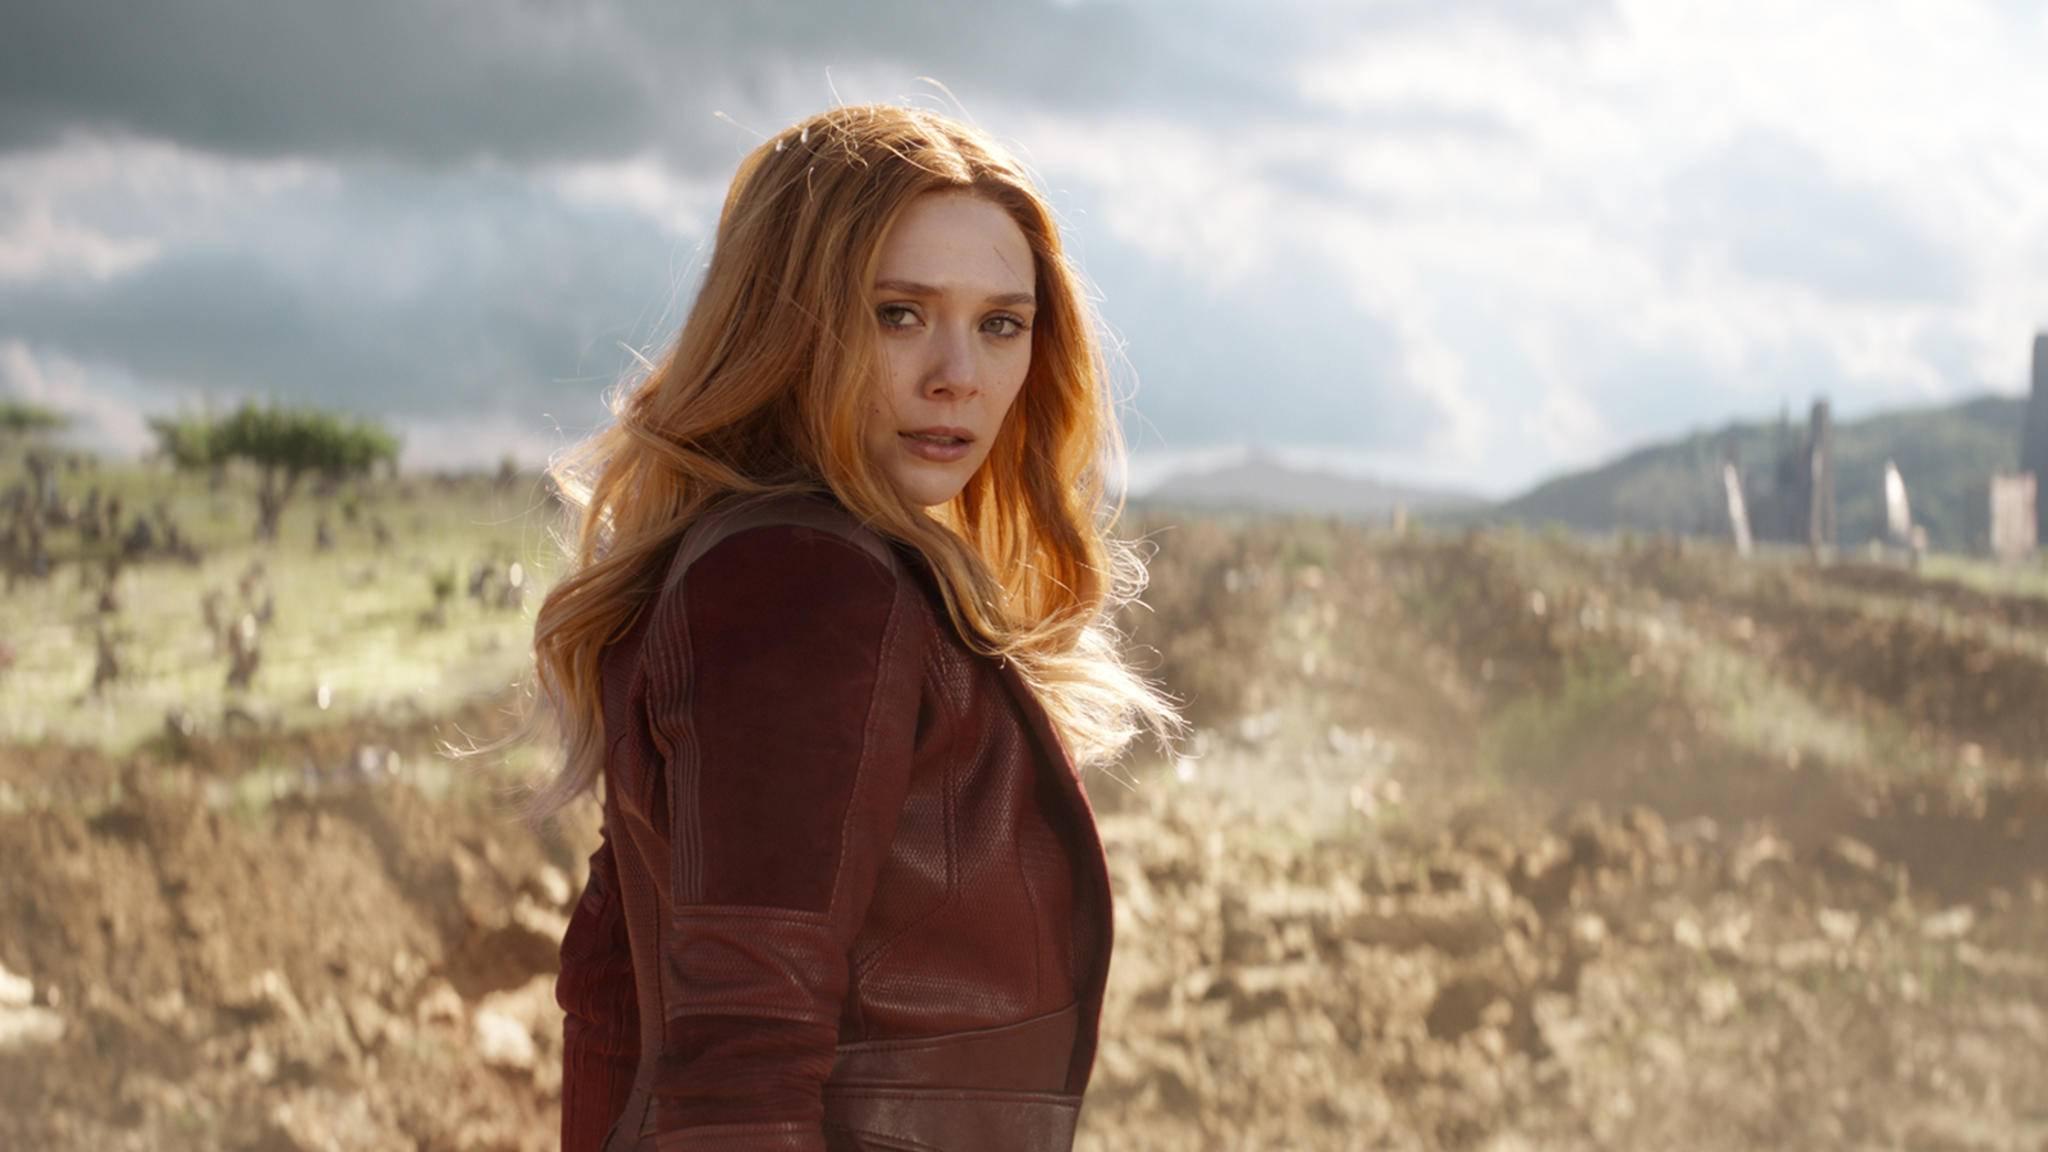 Die Miniserie rund um Scarlet Witch (Bild) und Vision wird sich nahtlos ins MCU einfügen!